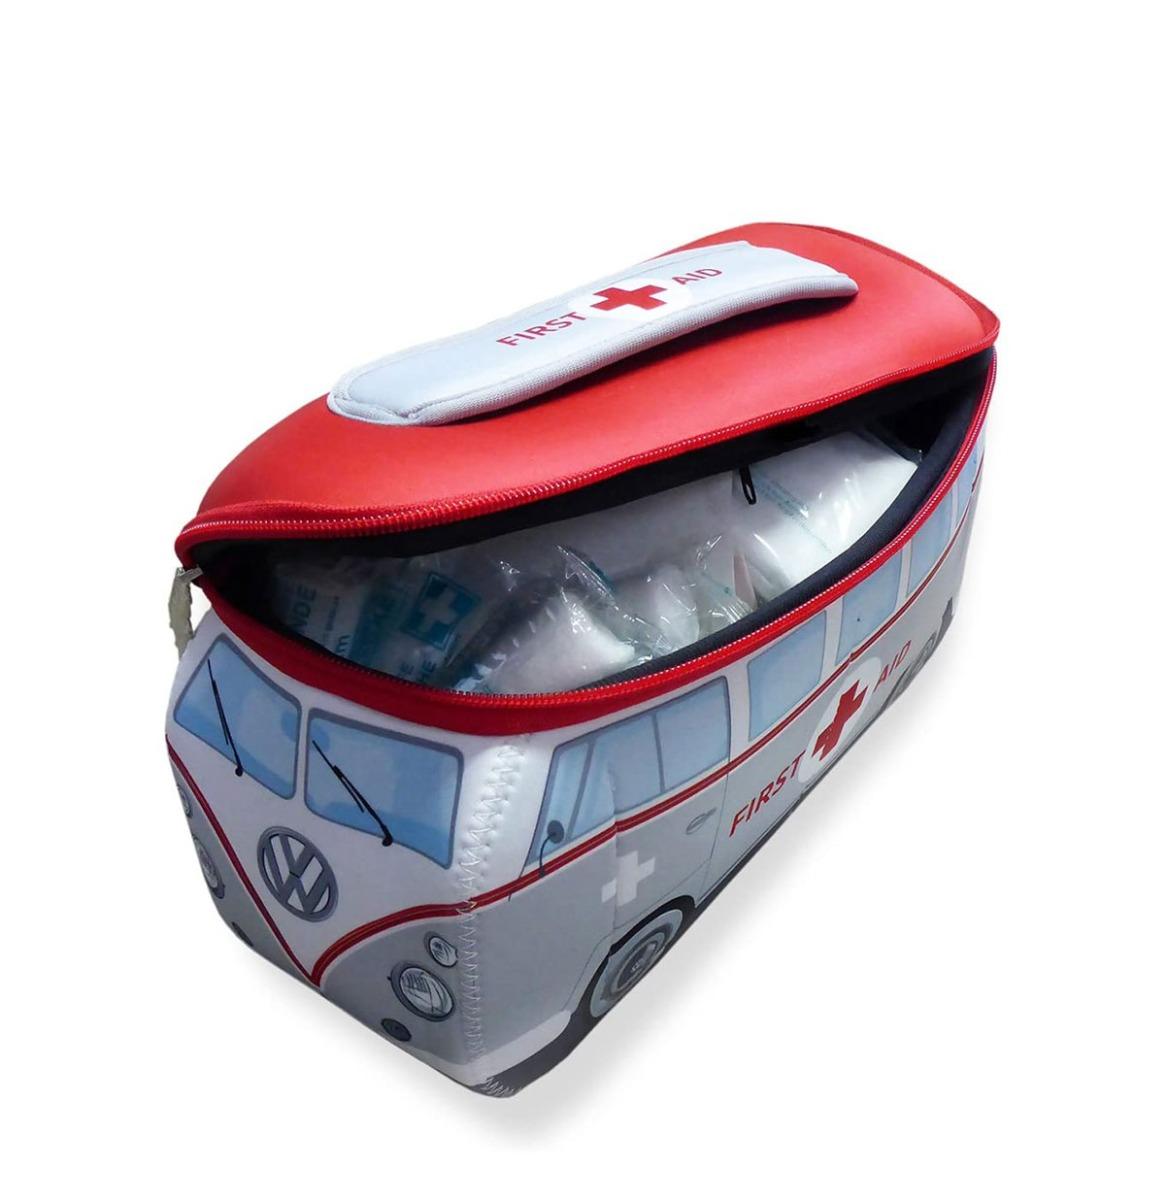 fiftiesstore Volkswagen T1 Bus Kleine EHBO Tas incl EHBO Kit (Rood/Grijs)